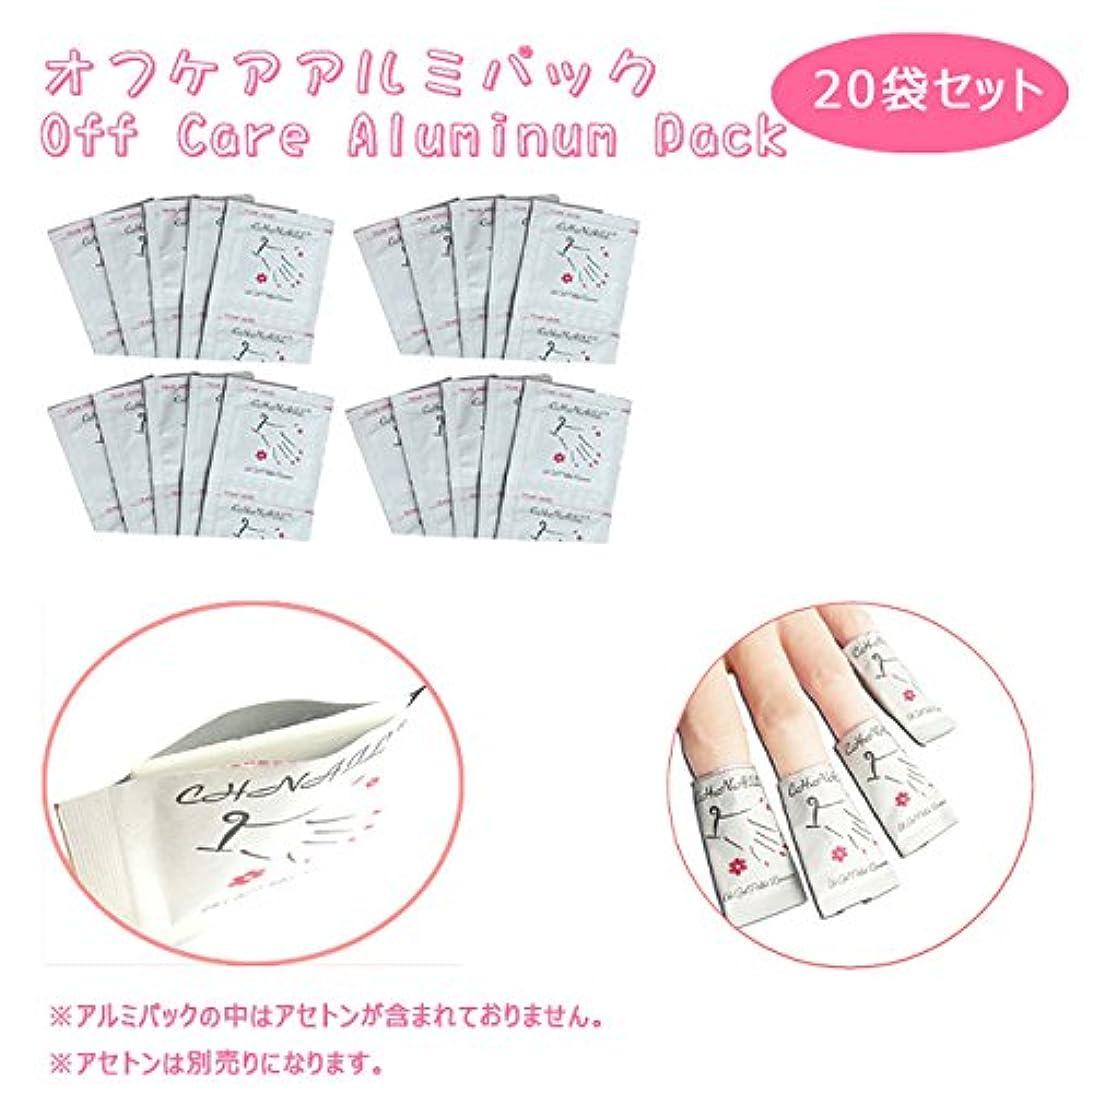 カメラ正当化するリムオフケアアルミパック/Off Care Aluminum Pack★20袋 (20袋)